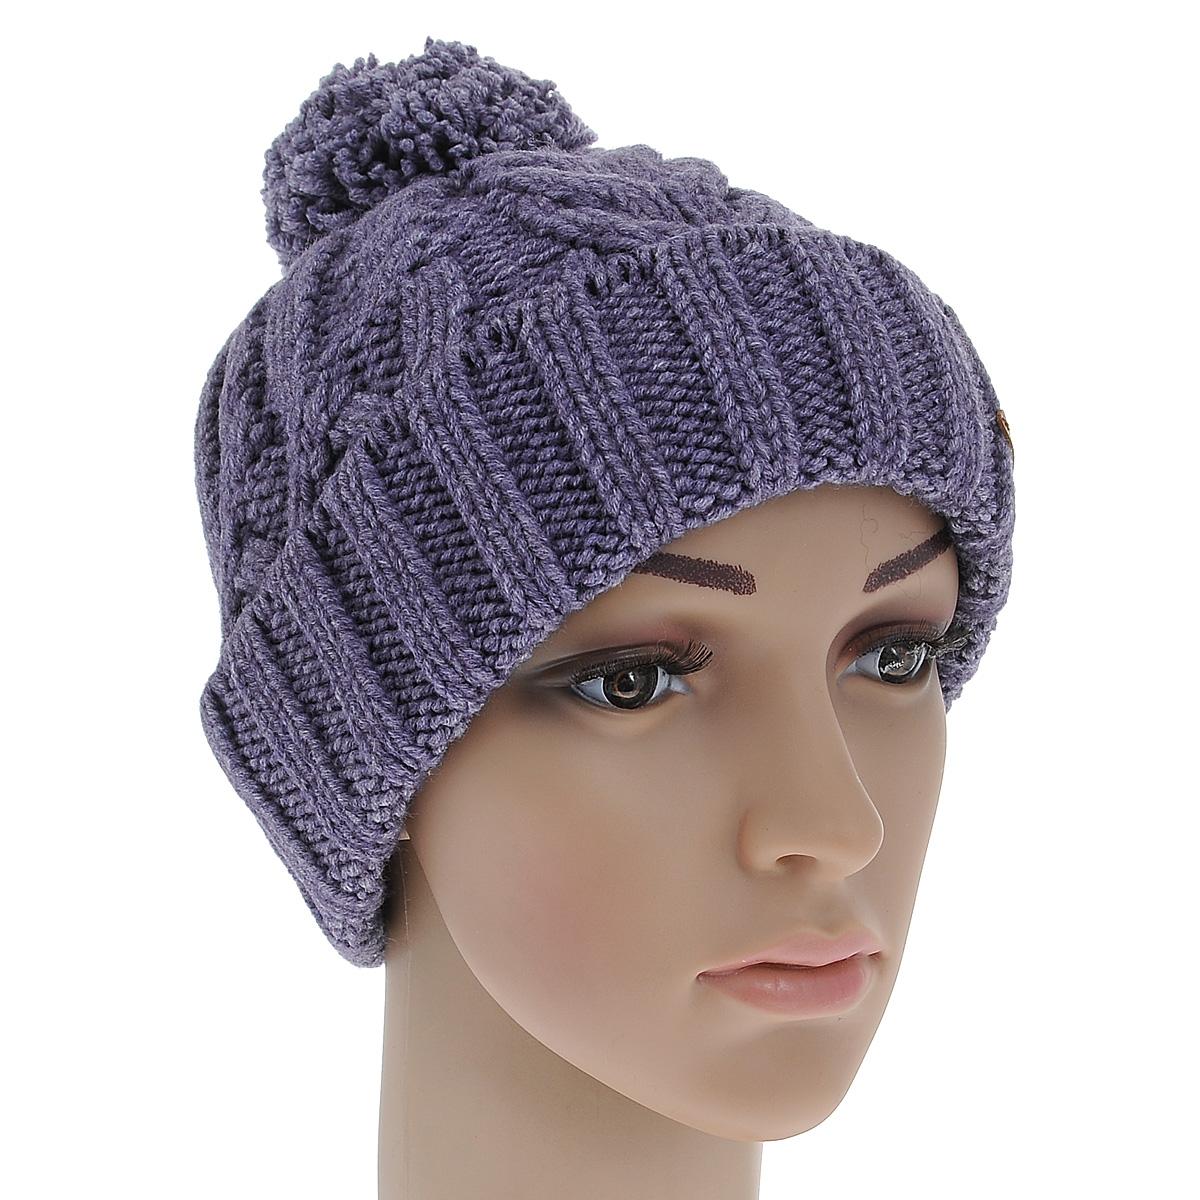 Шапка женская. 42484248Стильная женская шапка Noryalli - теплая модель для холодной погоды. Сочетание шерсти мериноса и акрила обеспечивает сохранение тепла и удобную посадку. Шапка выполнена оригинальной вязкой и оформлена кожаной эмблемой с логотипом бренда. Низ изделия дополнен декоративным отворотом, связанным крупной резинкой. Макушка украшена оригинальным помпоном. Такая шапка - комфортная защита от холода.